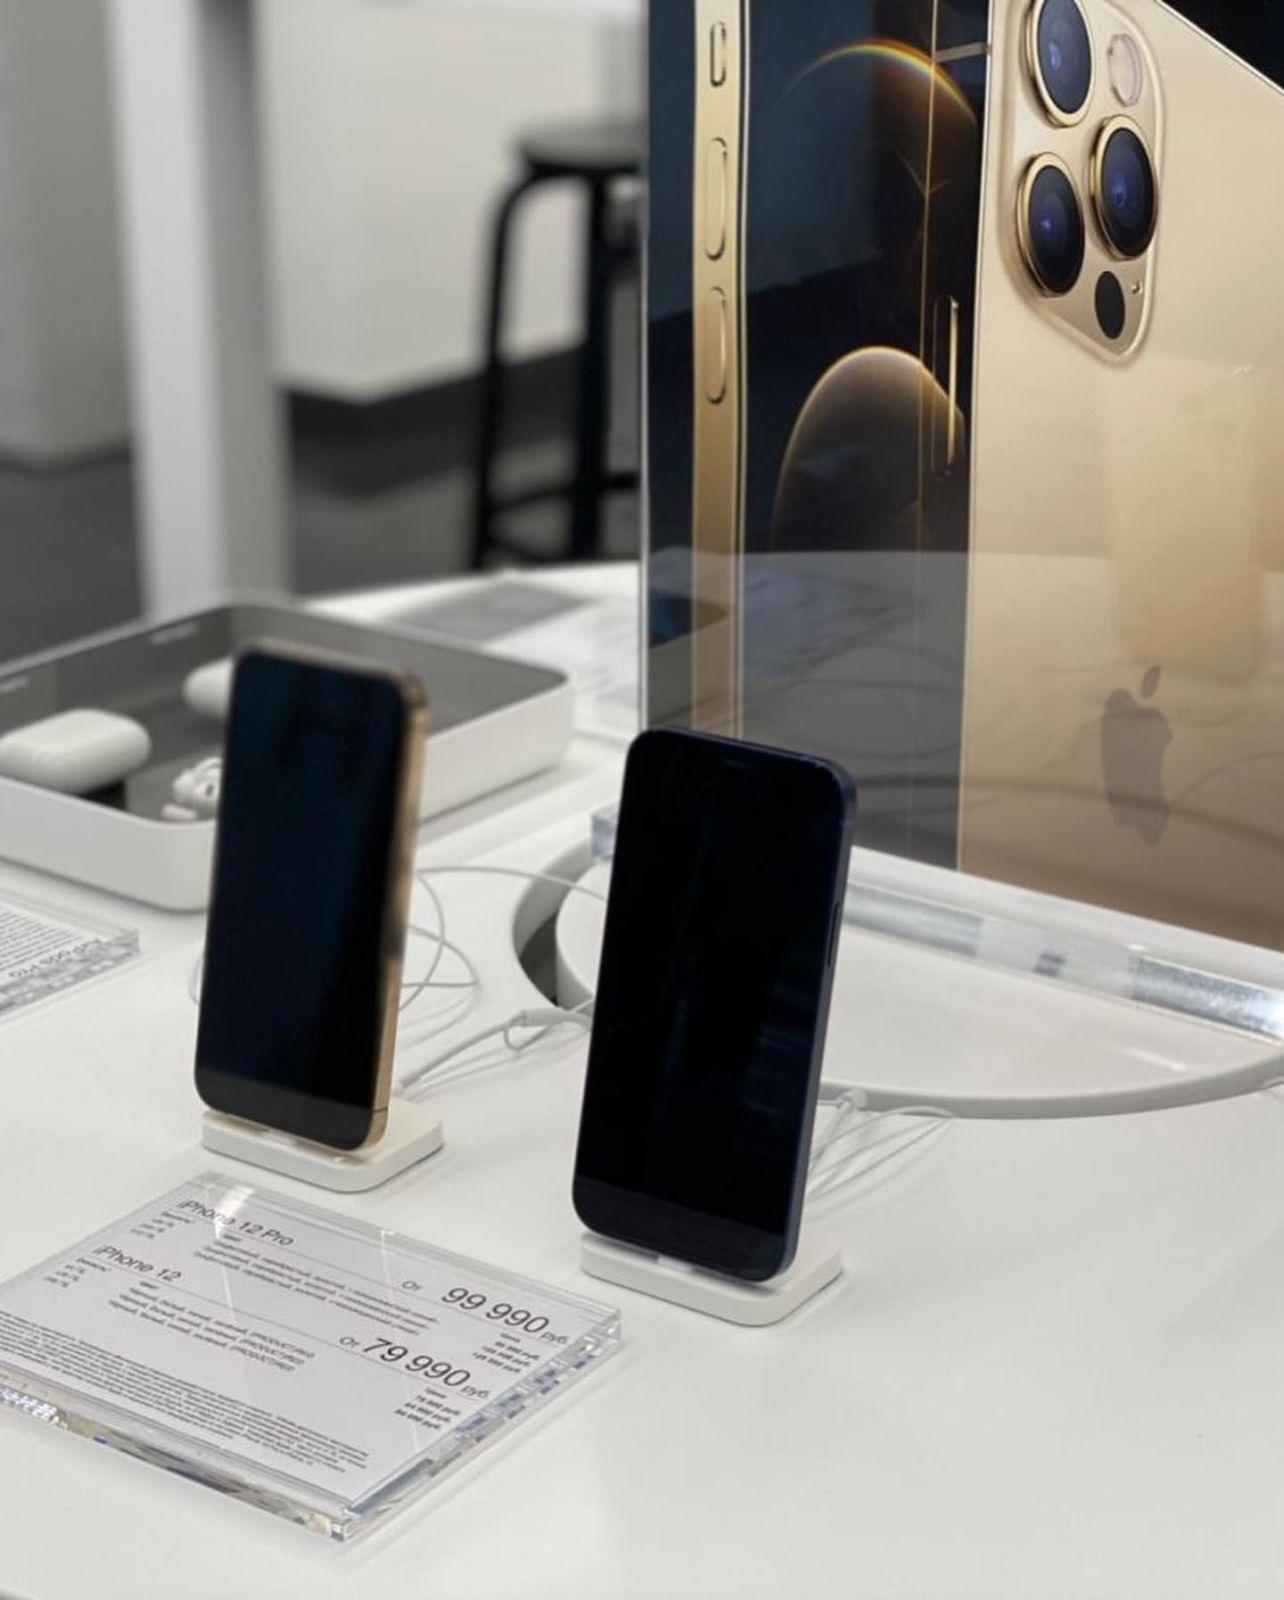 В России начались продажи iPhone 12 и iPhone 12 Pro (122117282 3727370793962914 4692847940419453987 o)